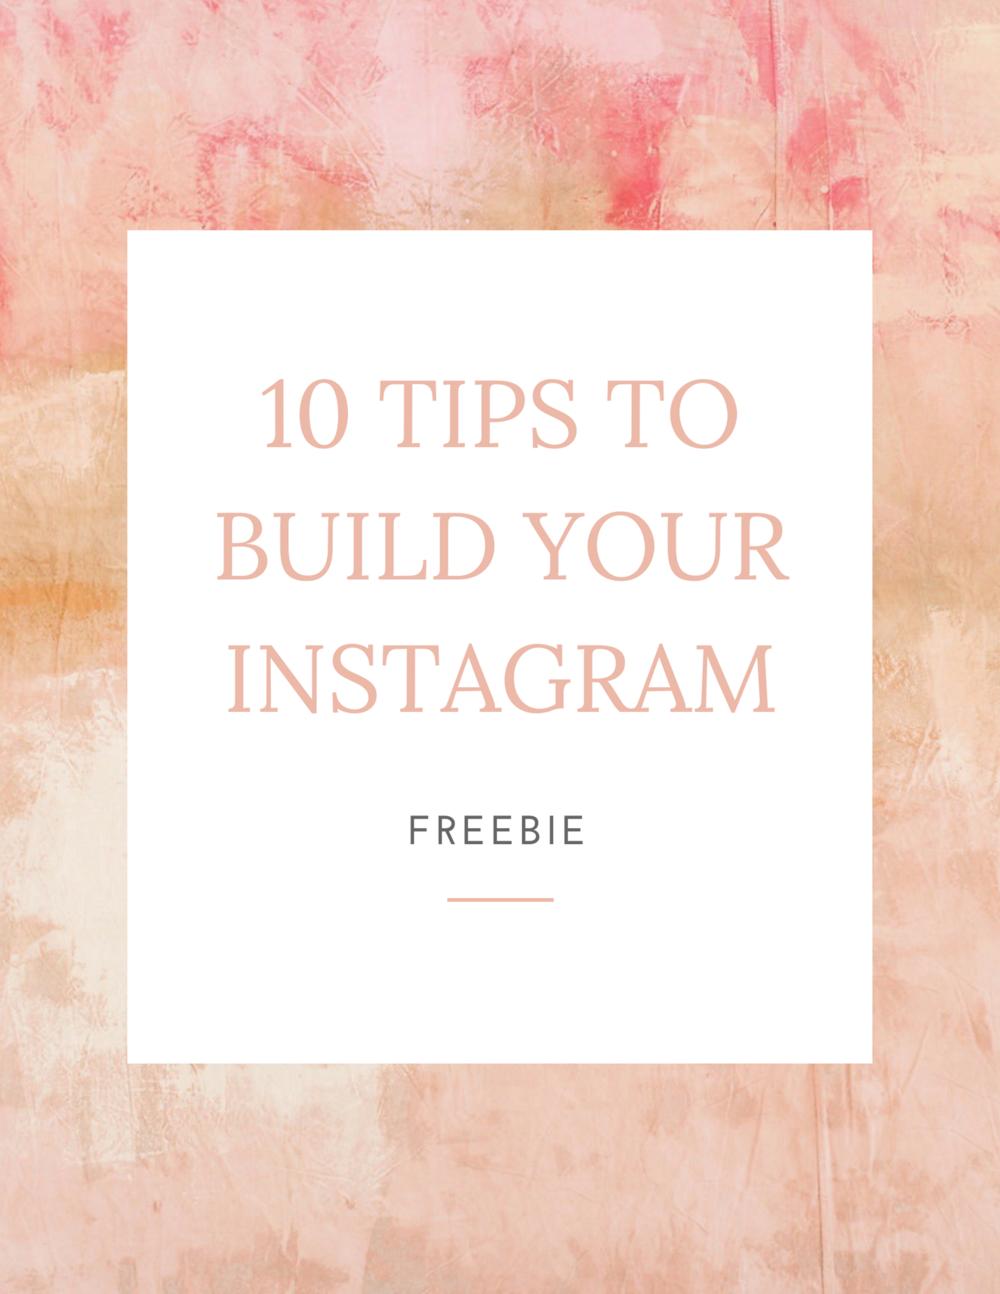 10 INSTAGRAM TIPS FREEBIE.png